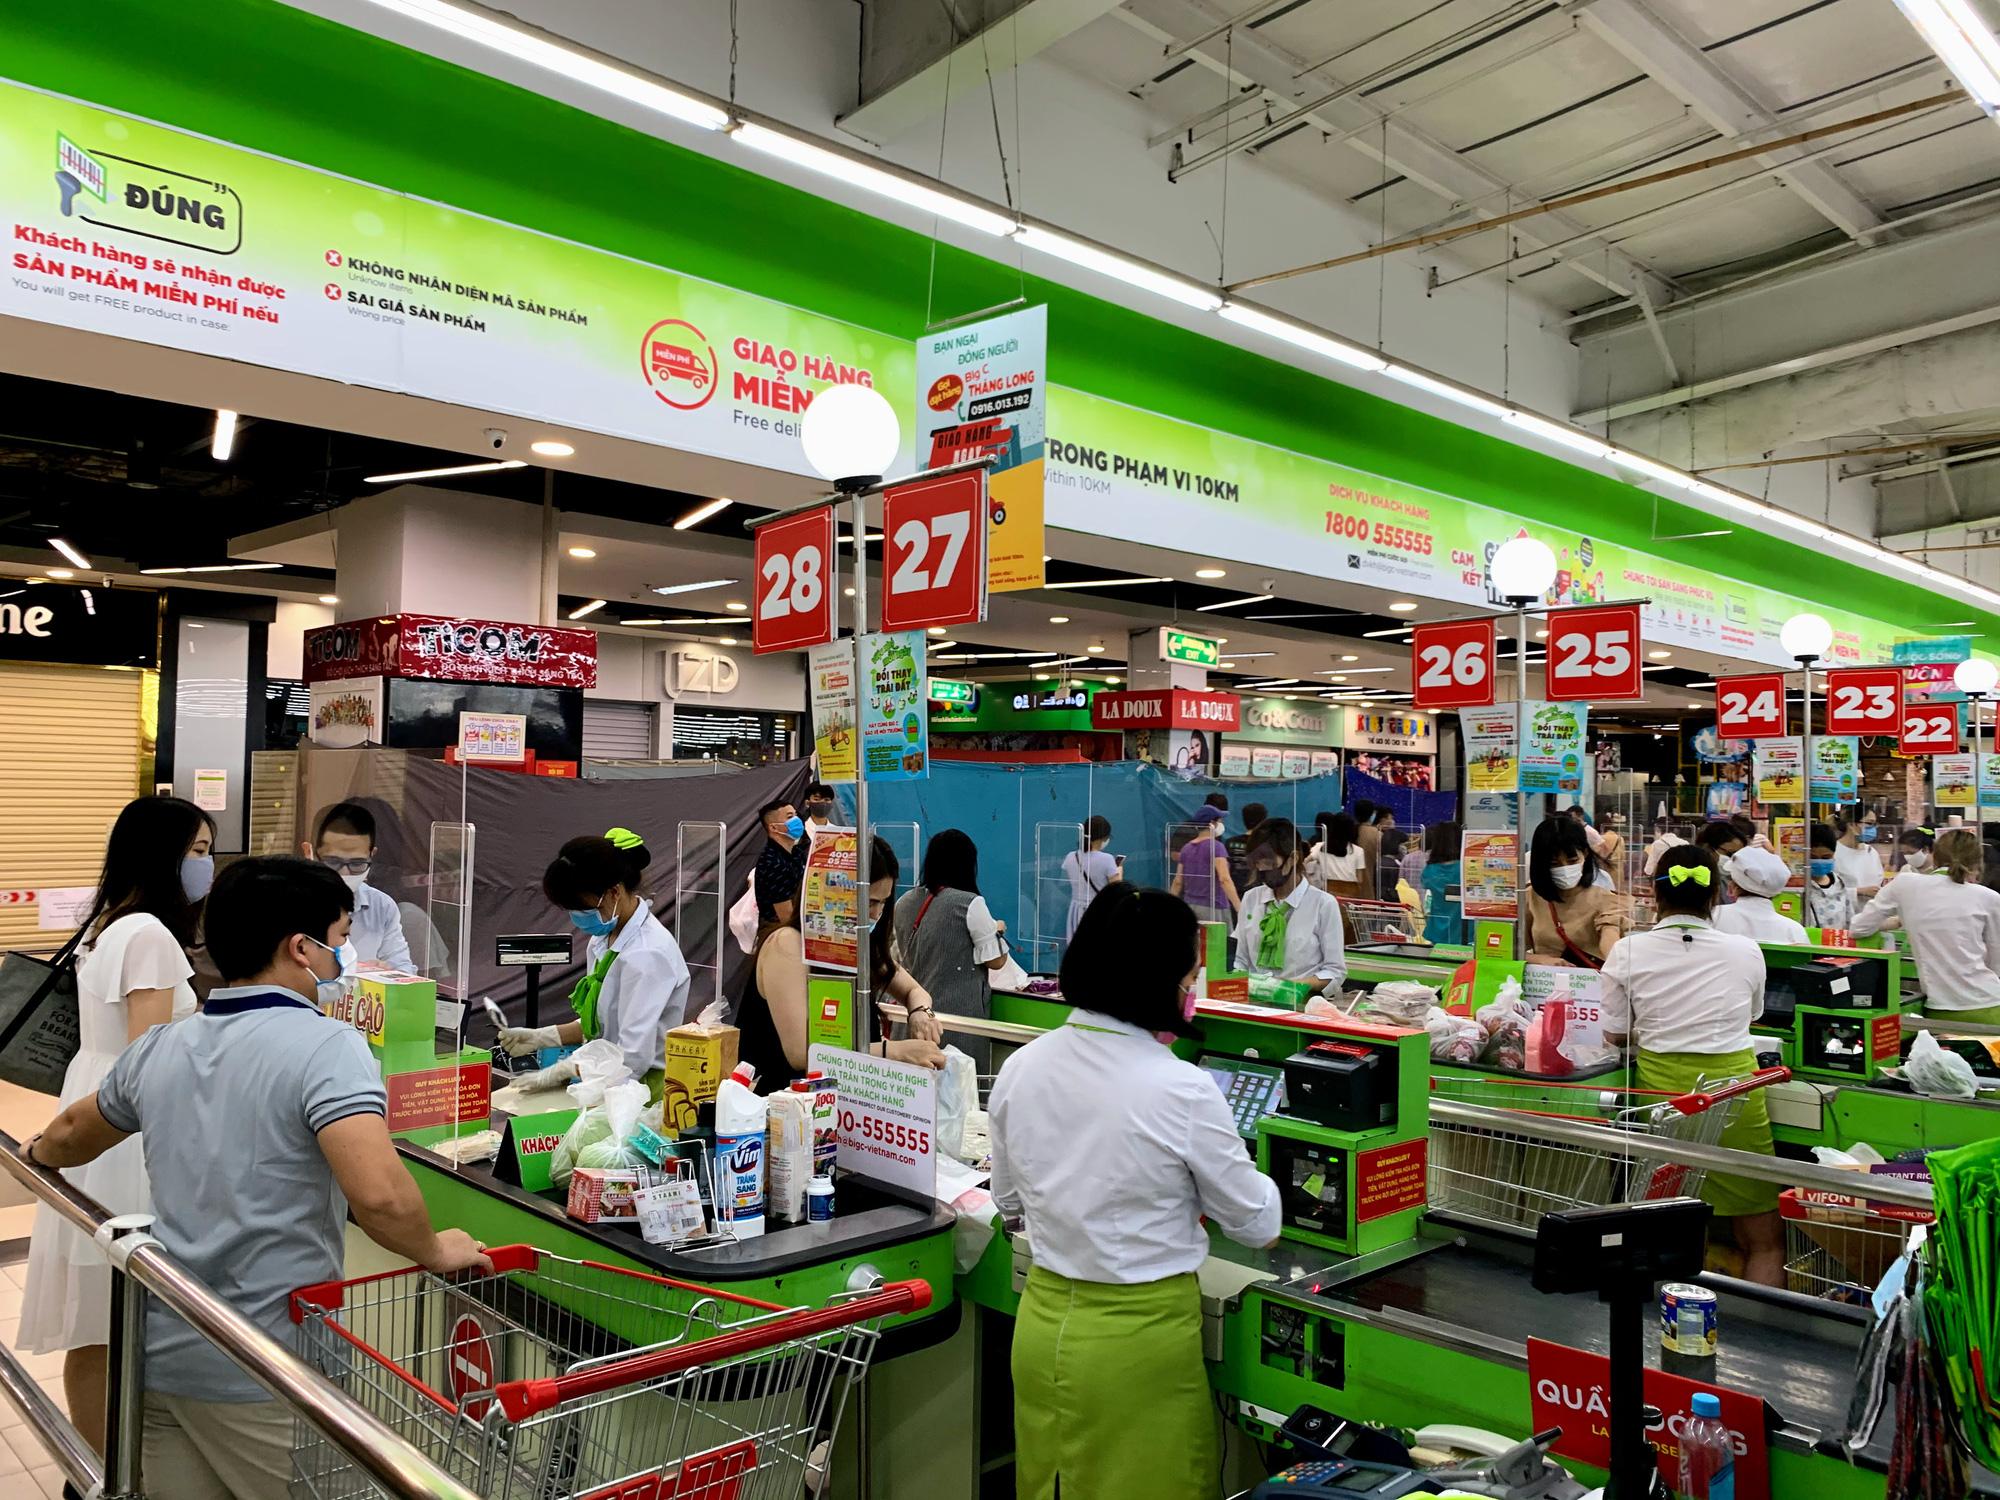 Trước giờ giới nghiêm, người Hà Nội ùn ùn kéo về siêu thị, mua sạch mì tôm, thực phẩm, giấy vệ sinh - Ảnh 18.